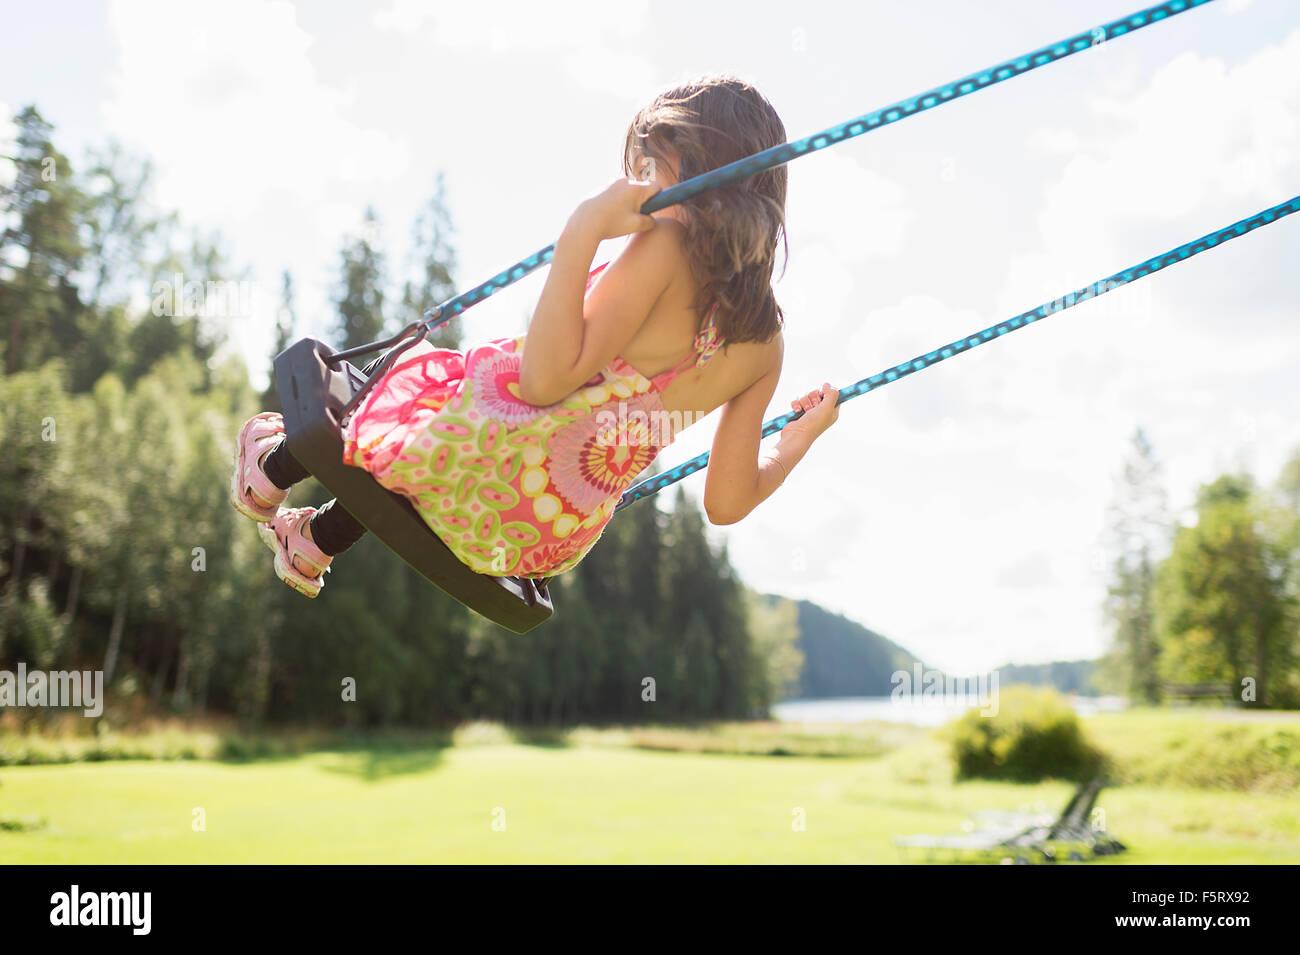 La Suède, Vastmanland, Bergslagen, Girl (6-7) on swing Photo Stock